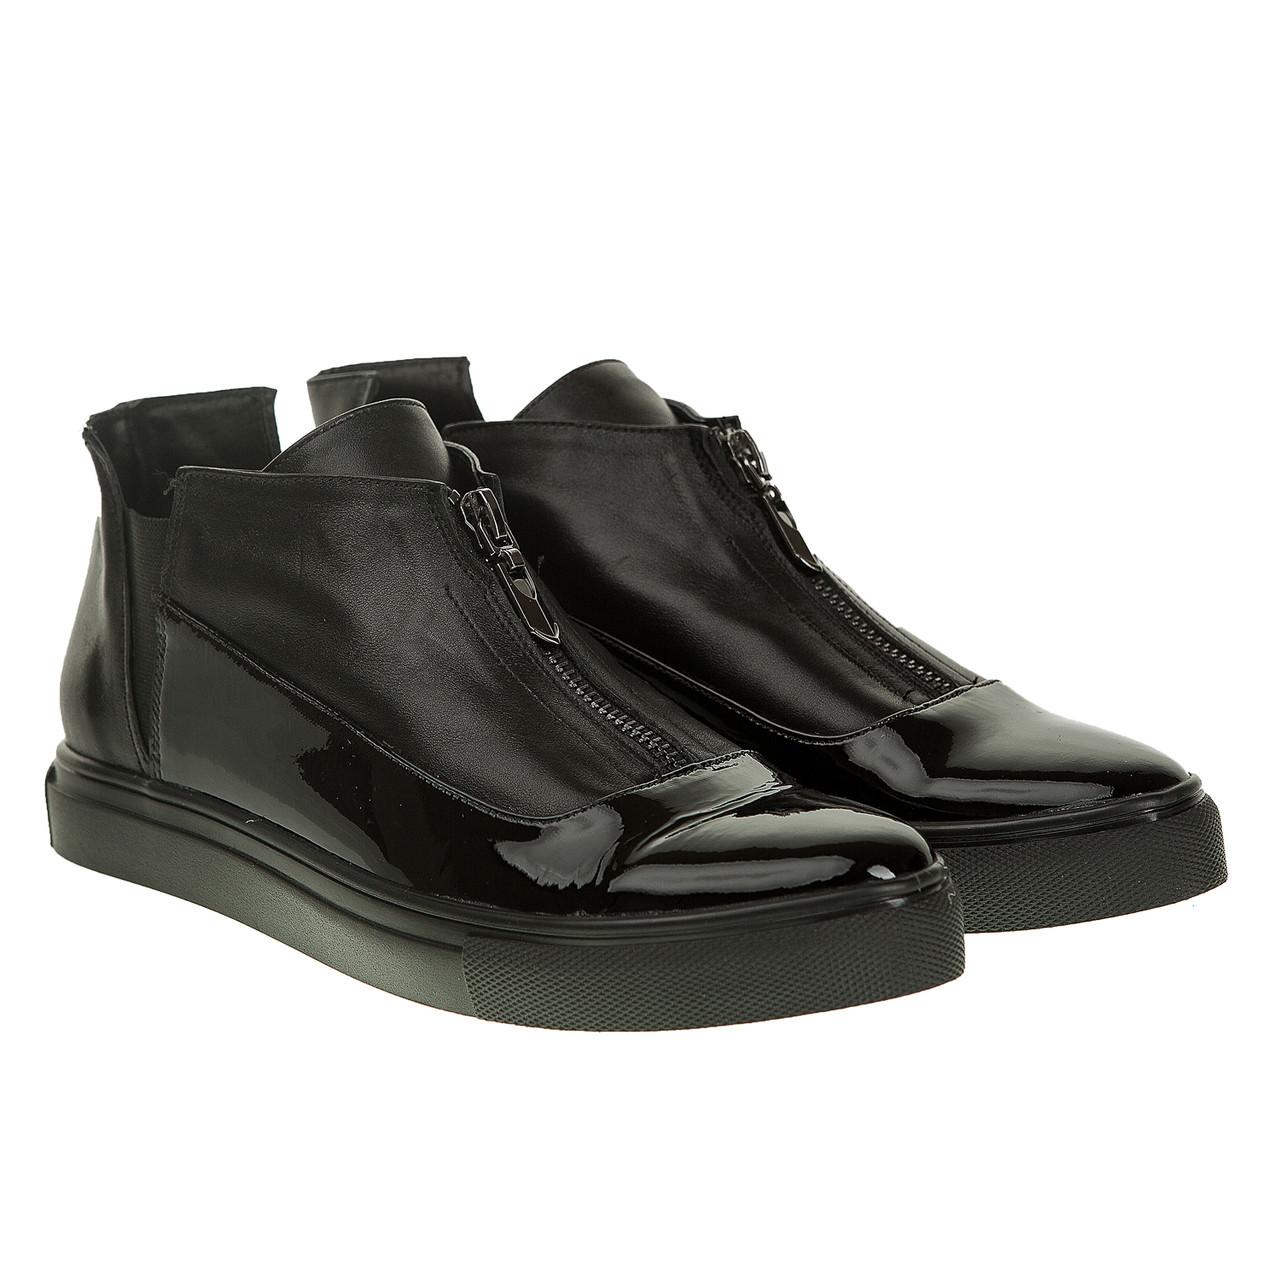 8df37c8a8 Купить Ботинки женские El Passo (стильные, удобные, практичные ...